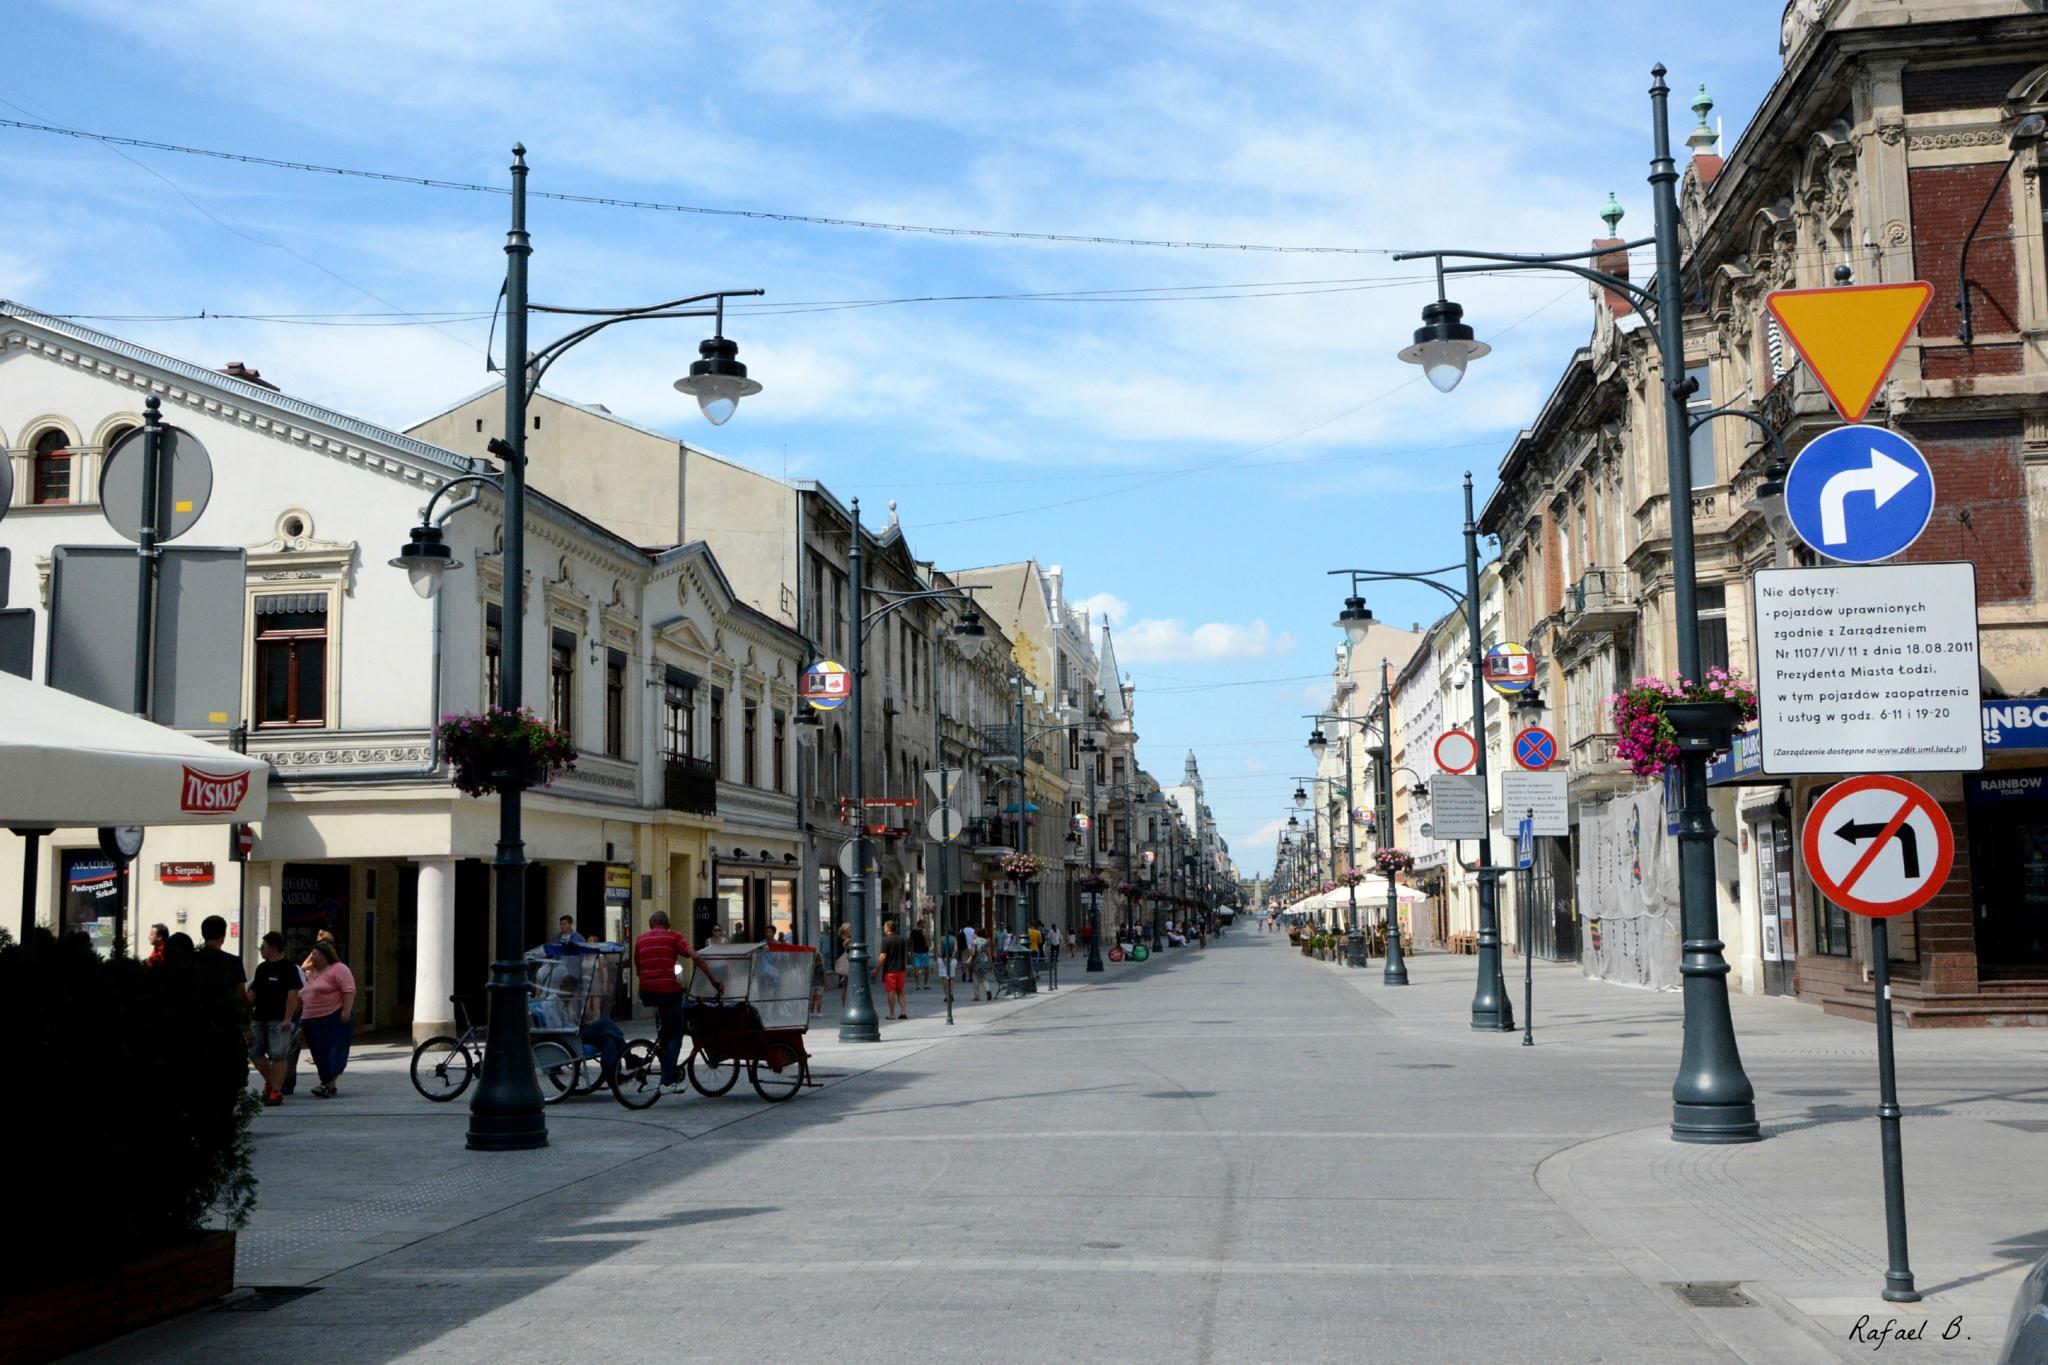 Street view Lodz by raymond.r.borenstein